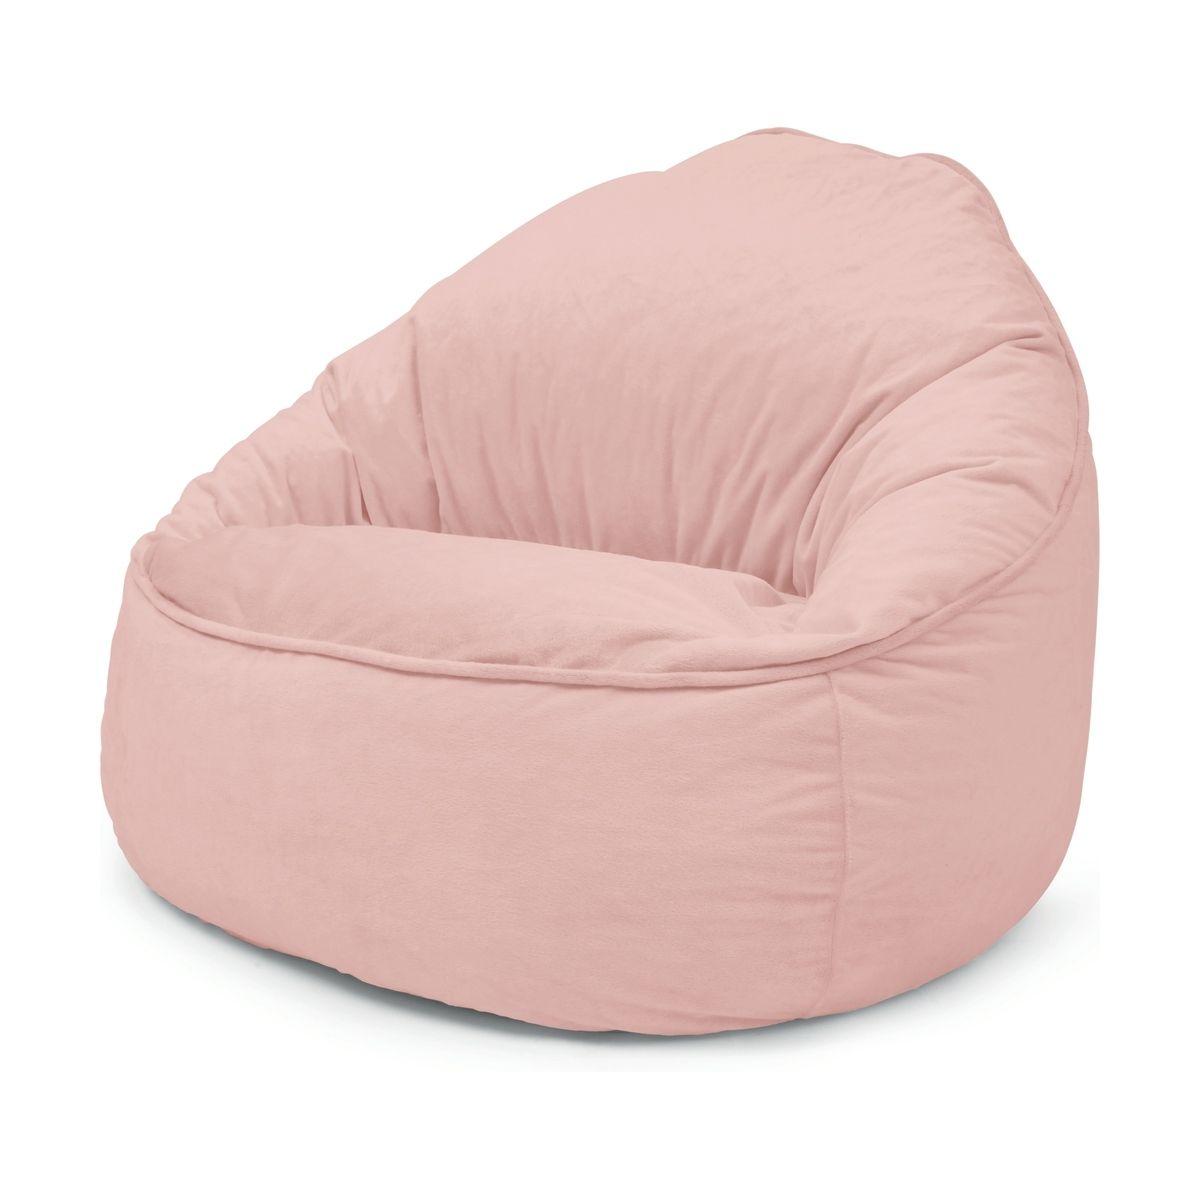 Kids Chair Bean Bag Pink Bean Bag Chair Kids Kids Chairs